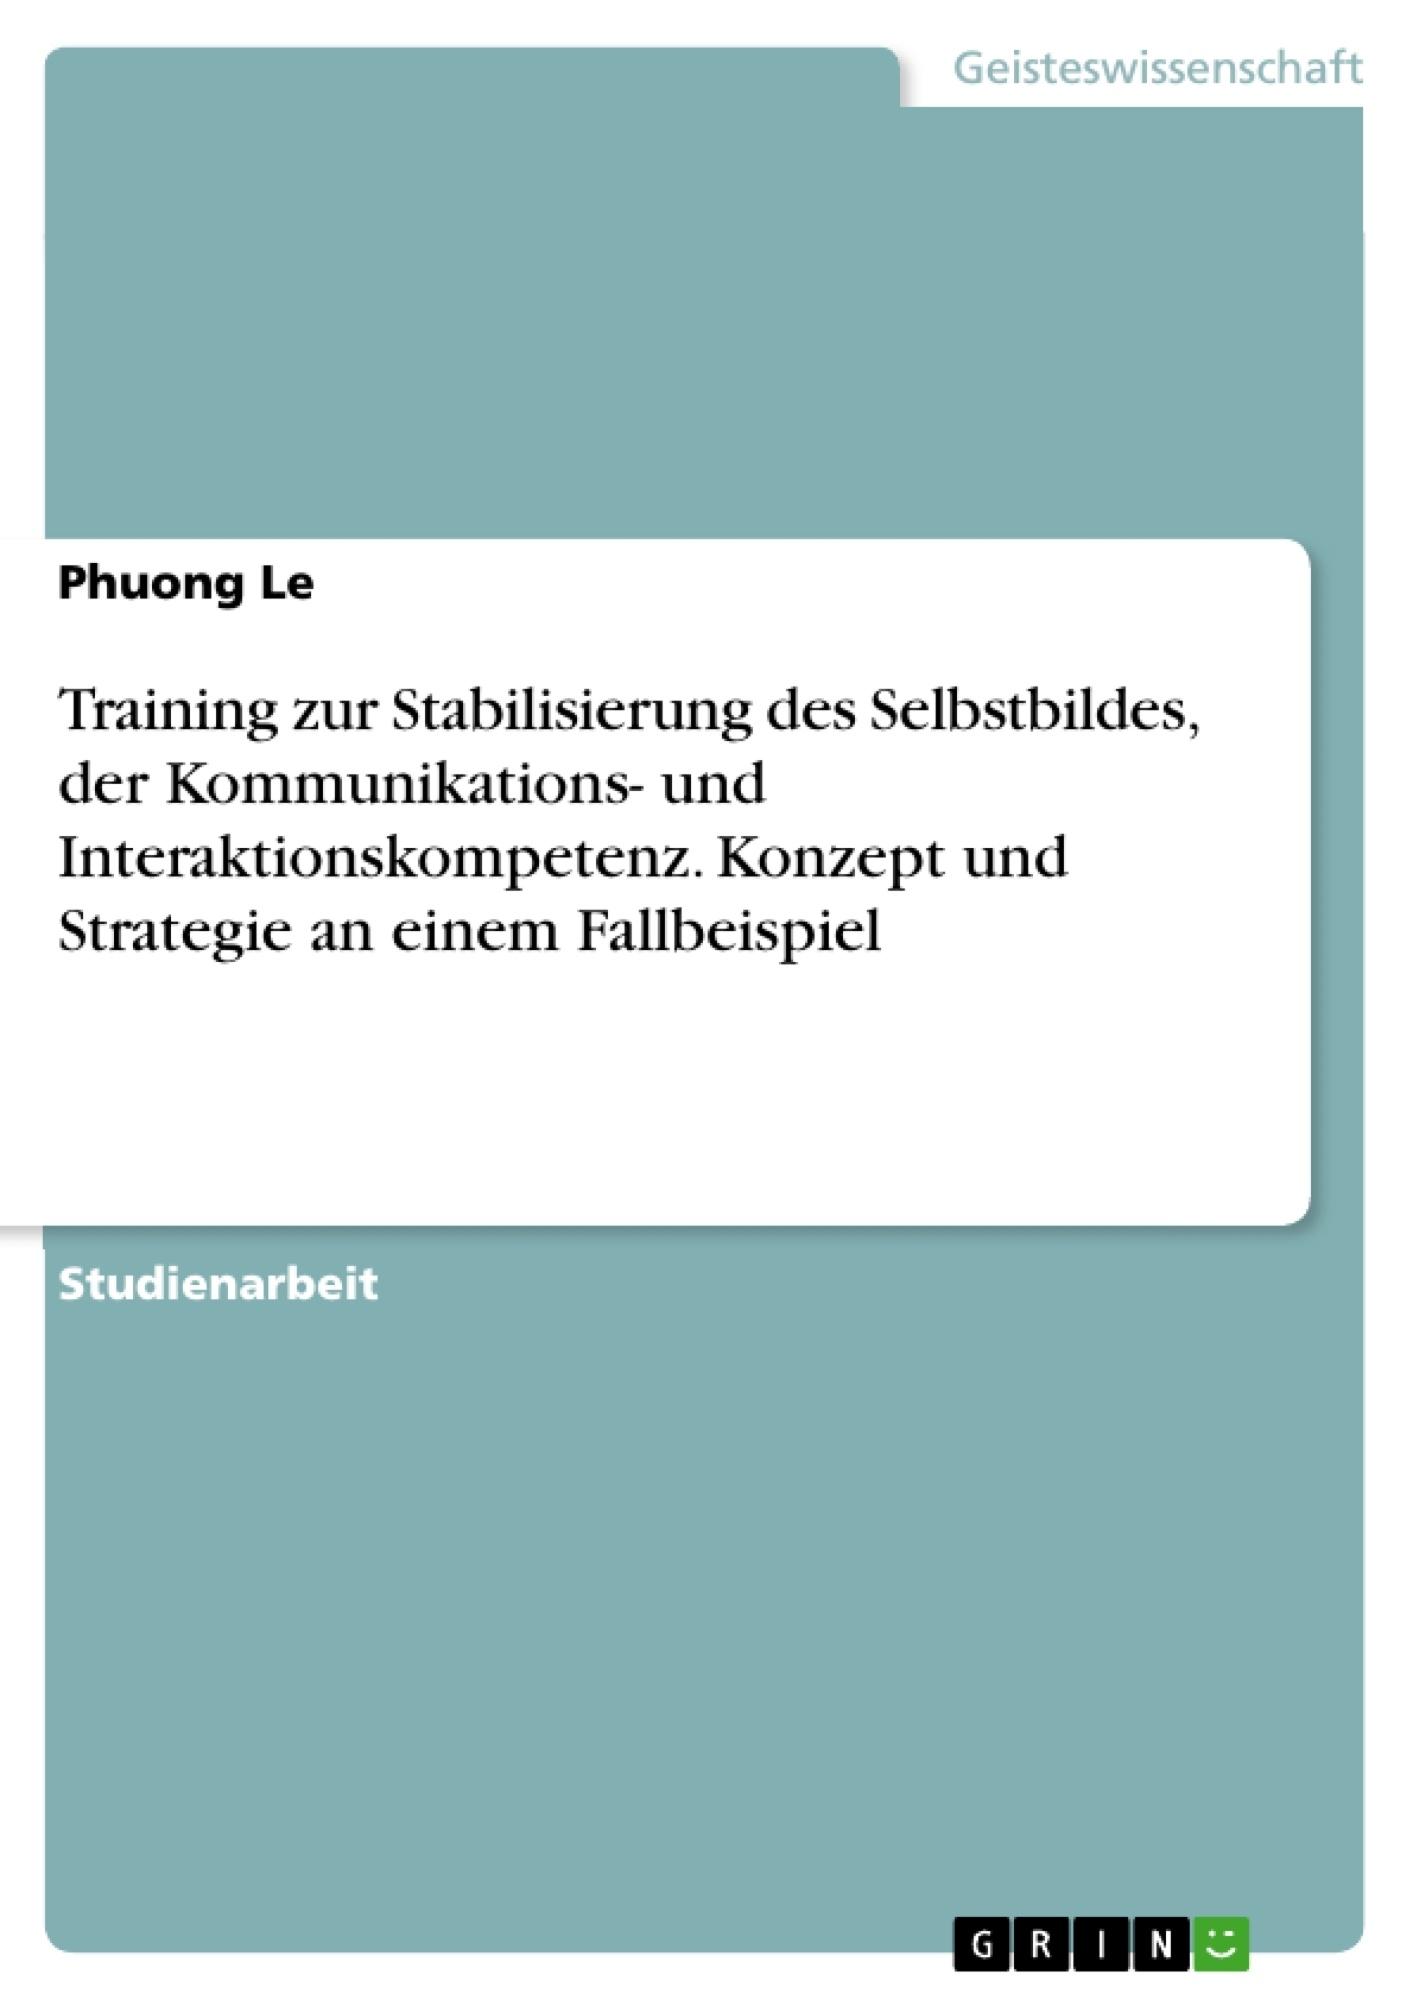 Titel: Training zur Stabilisierung des Selbstbildes, der Kommunikations- und Interaktionskompetenz. Konzept und Strategie an einem Fallbeispiel